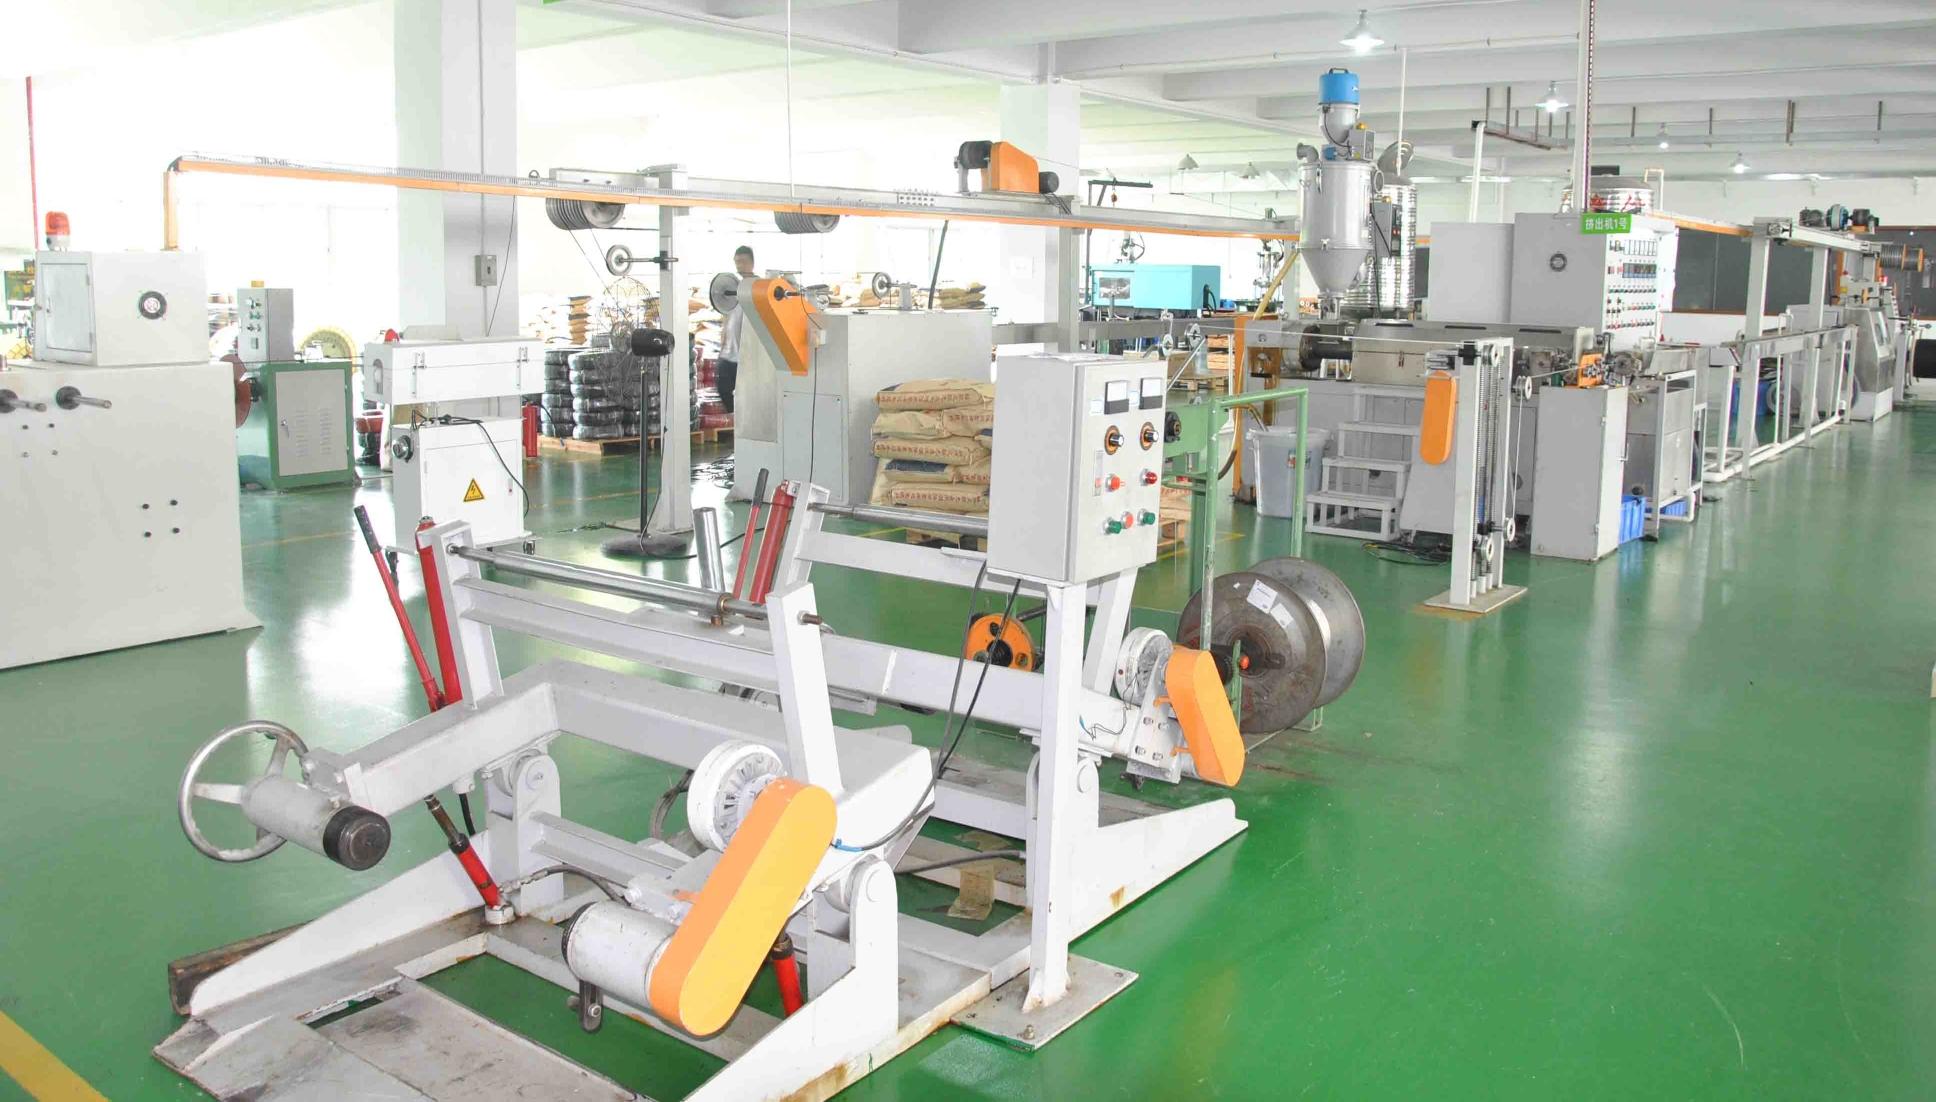 установленное оборудование на фабрике Slocable